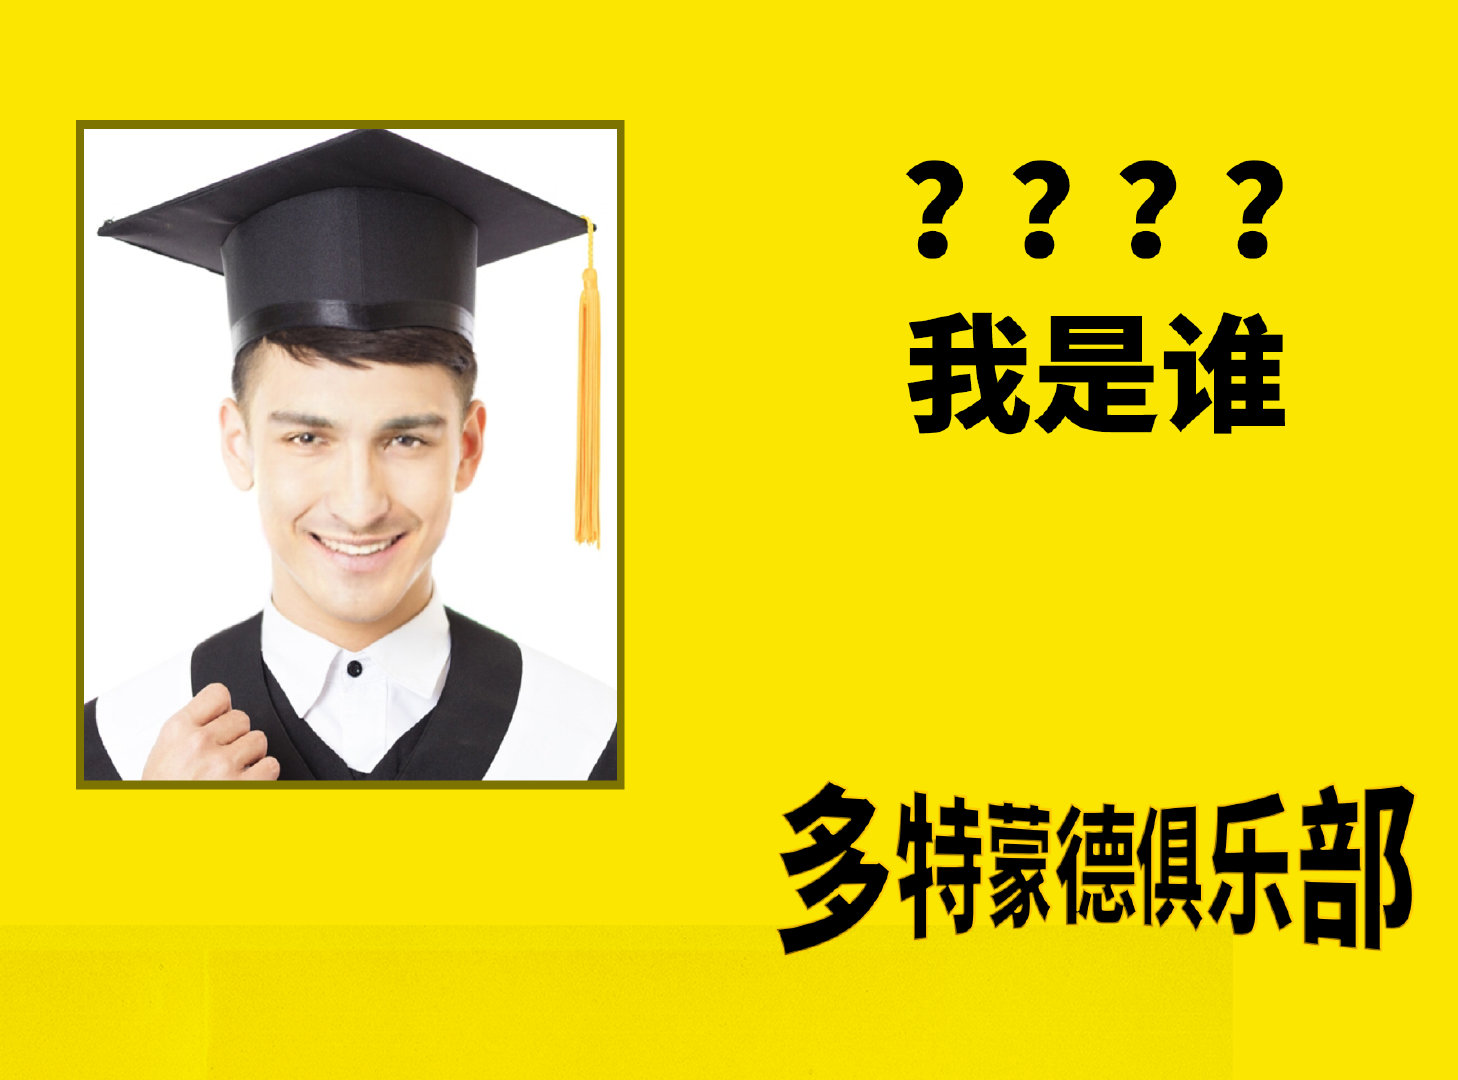 🎓 来收割哥哥们的毕业照🧐脸盲鉴别器——AI换脸大法在线测试